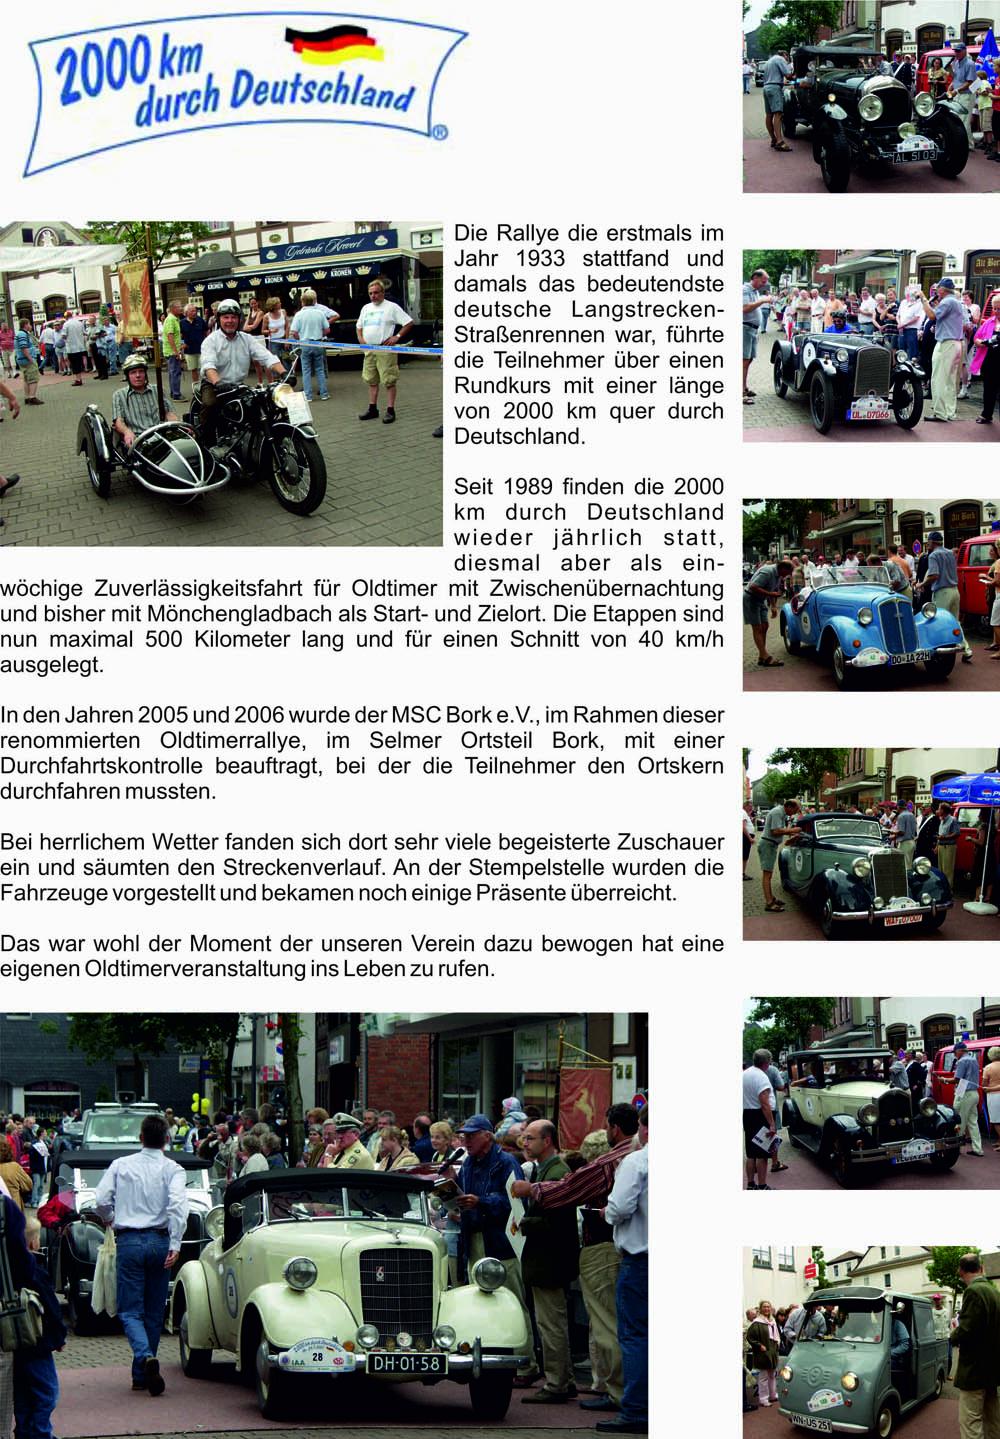 2000_km_durch_Deutschland_kl